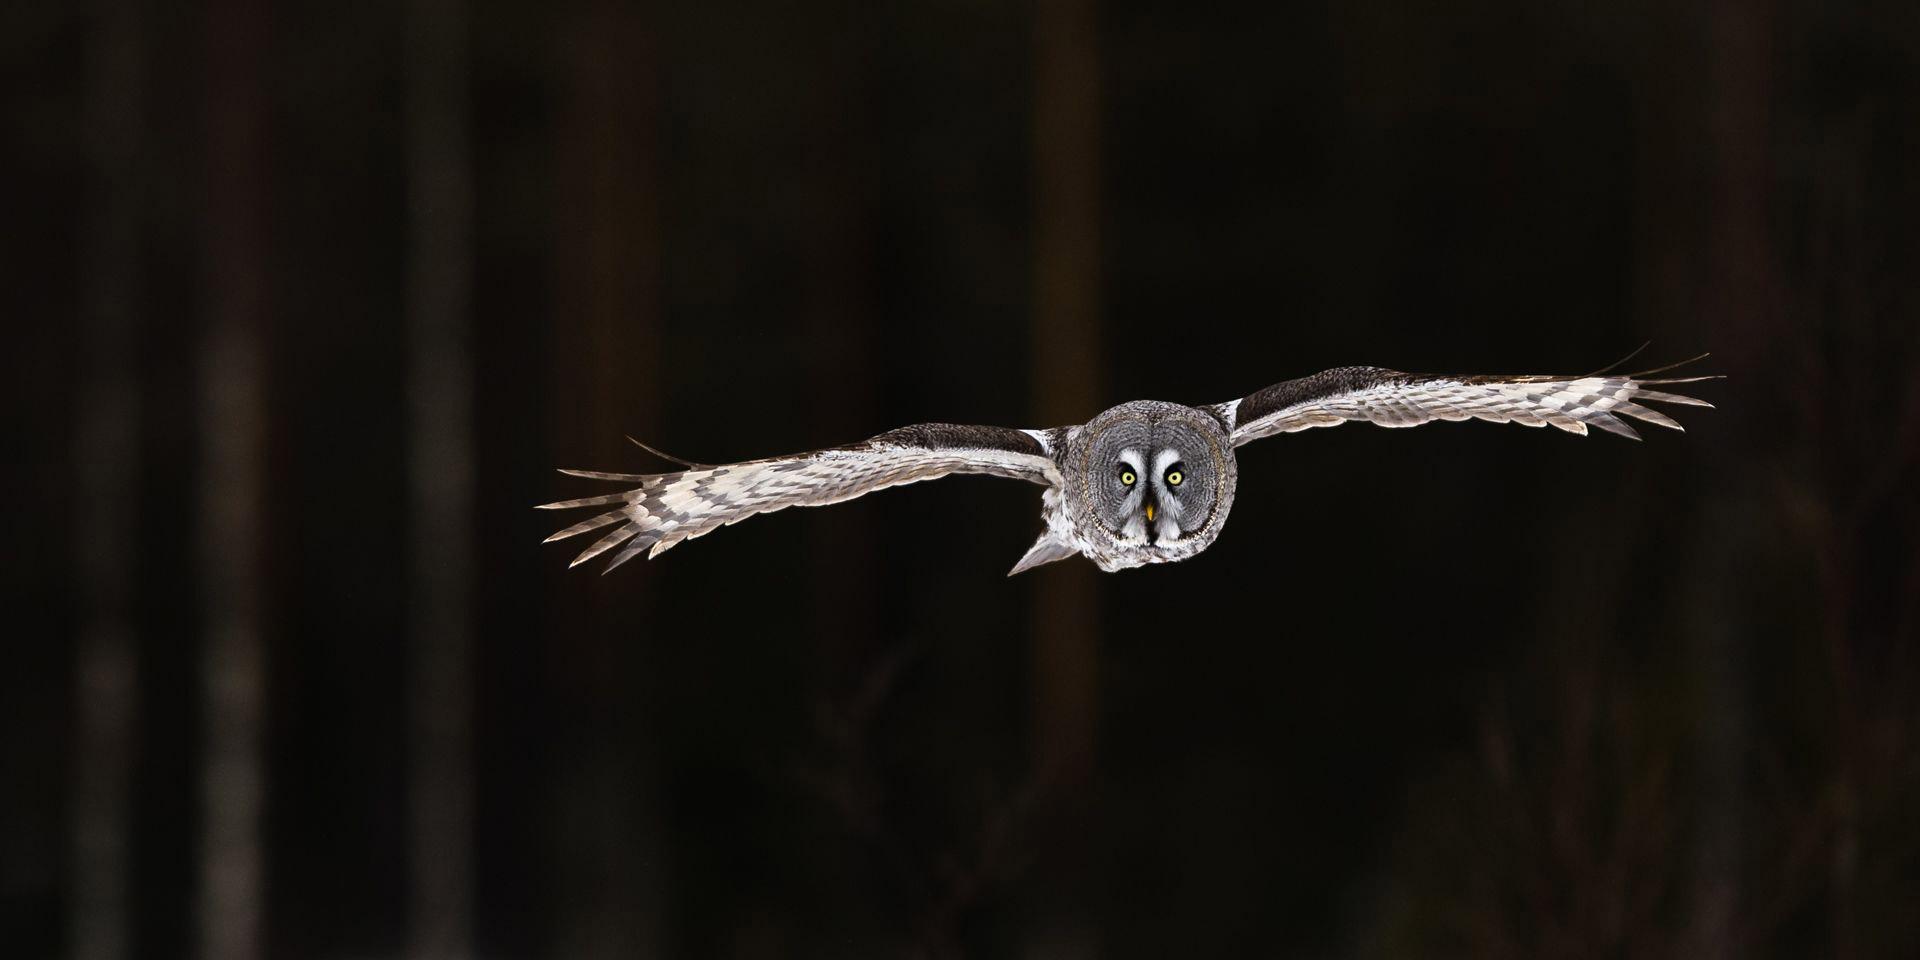 Большая серая сова в тёмном лесу, © Лассе Куркела, Финляндия, 2 место, Фотоконкурс Siena